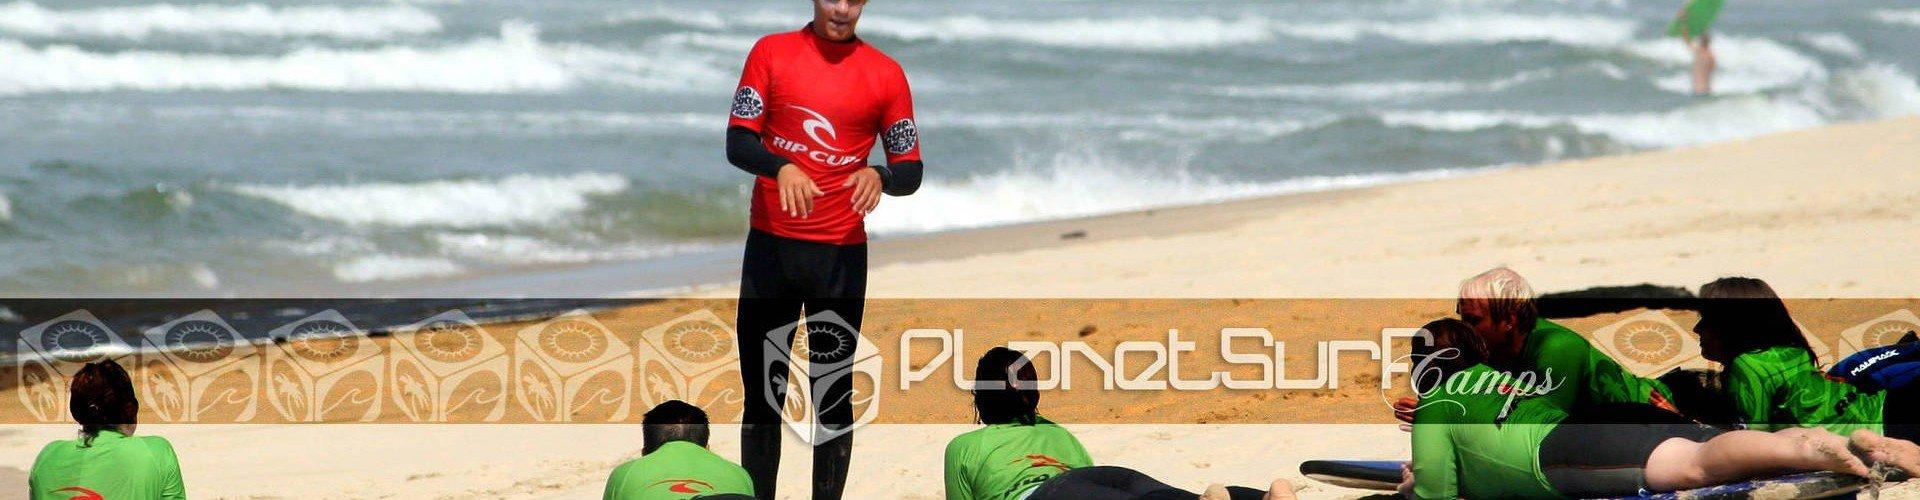 Surfkurs am Strand Sand in Frankreich